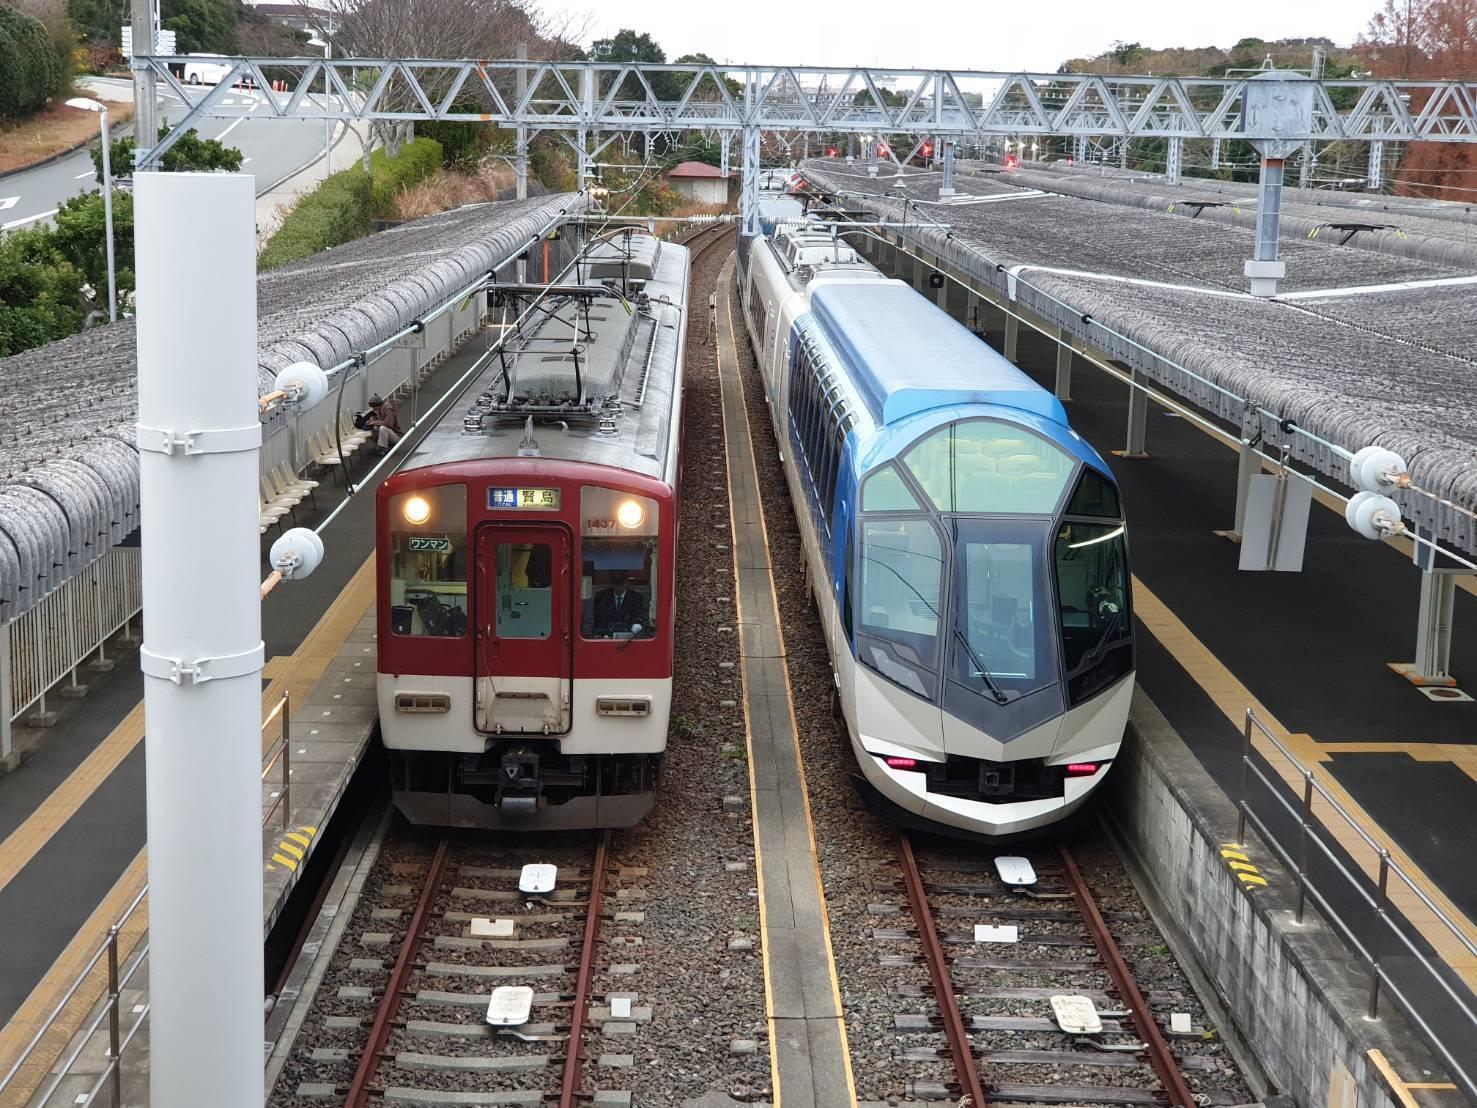 16.รถไฟด่วน Kintetsu 200213 0017